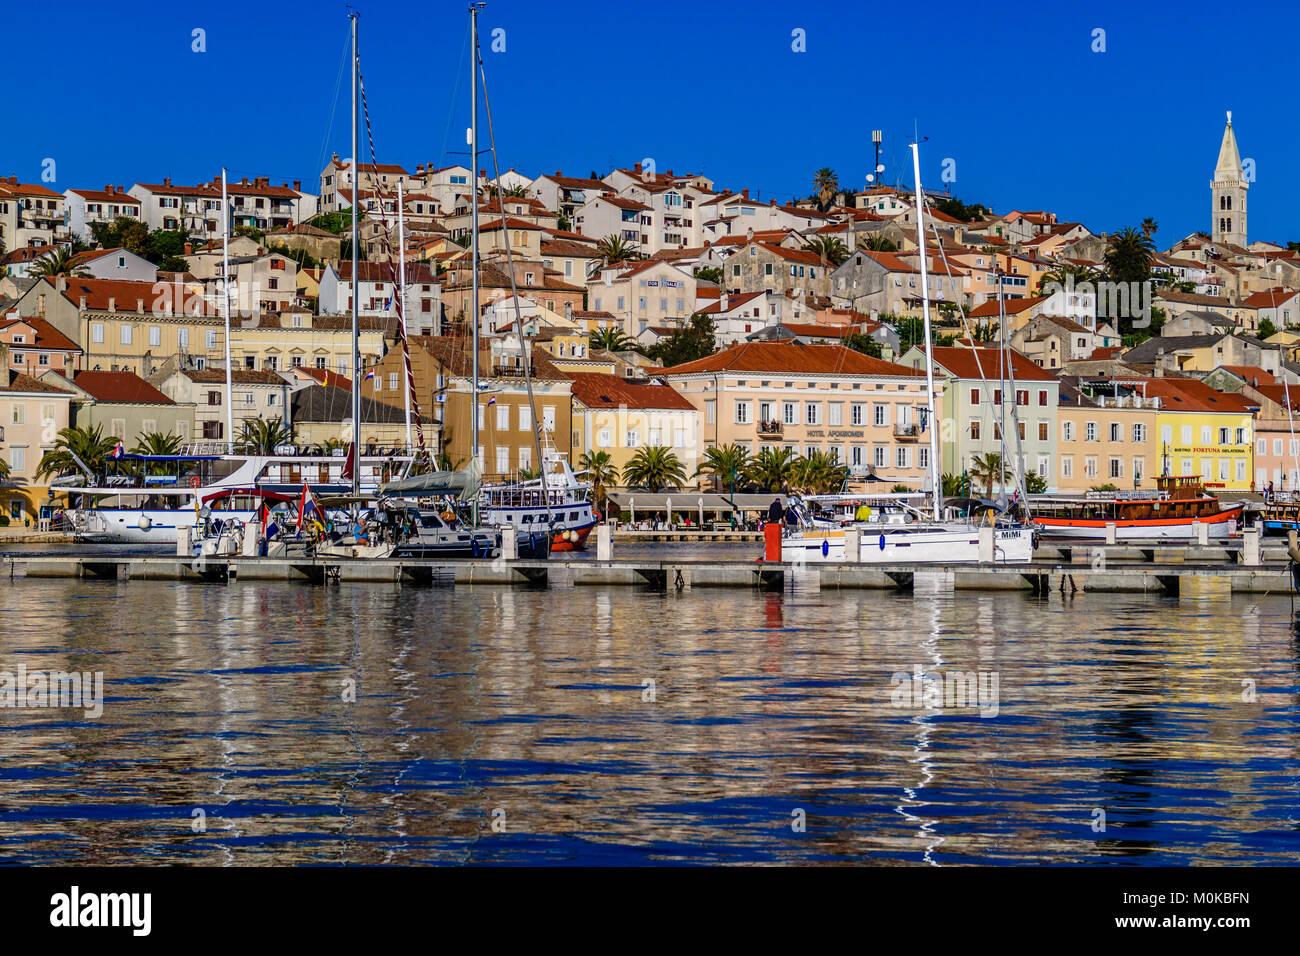 Hafen von Mali Losinj auf der Insel Losinj, Kroatien. Mai 2017. Stockbild